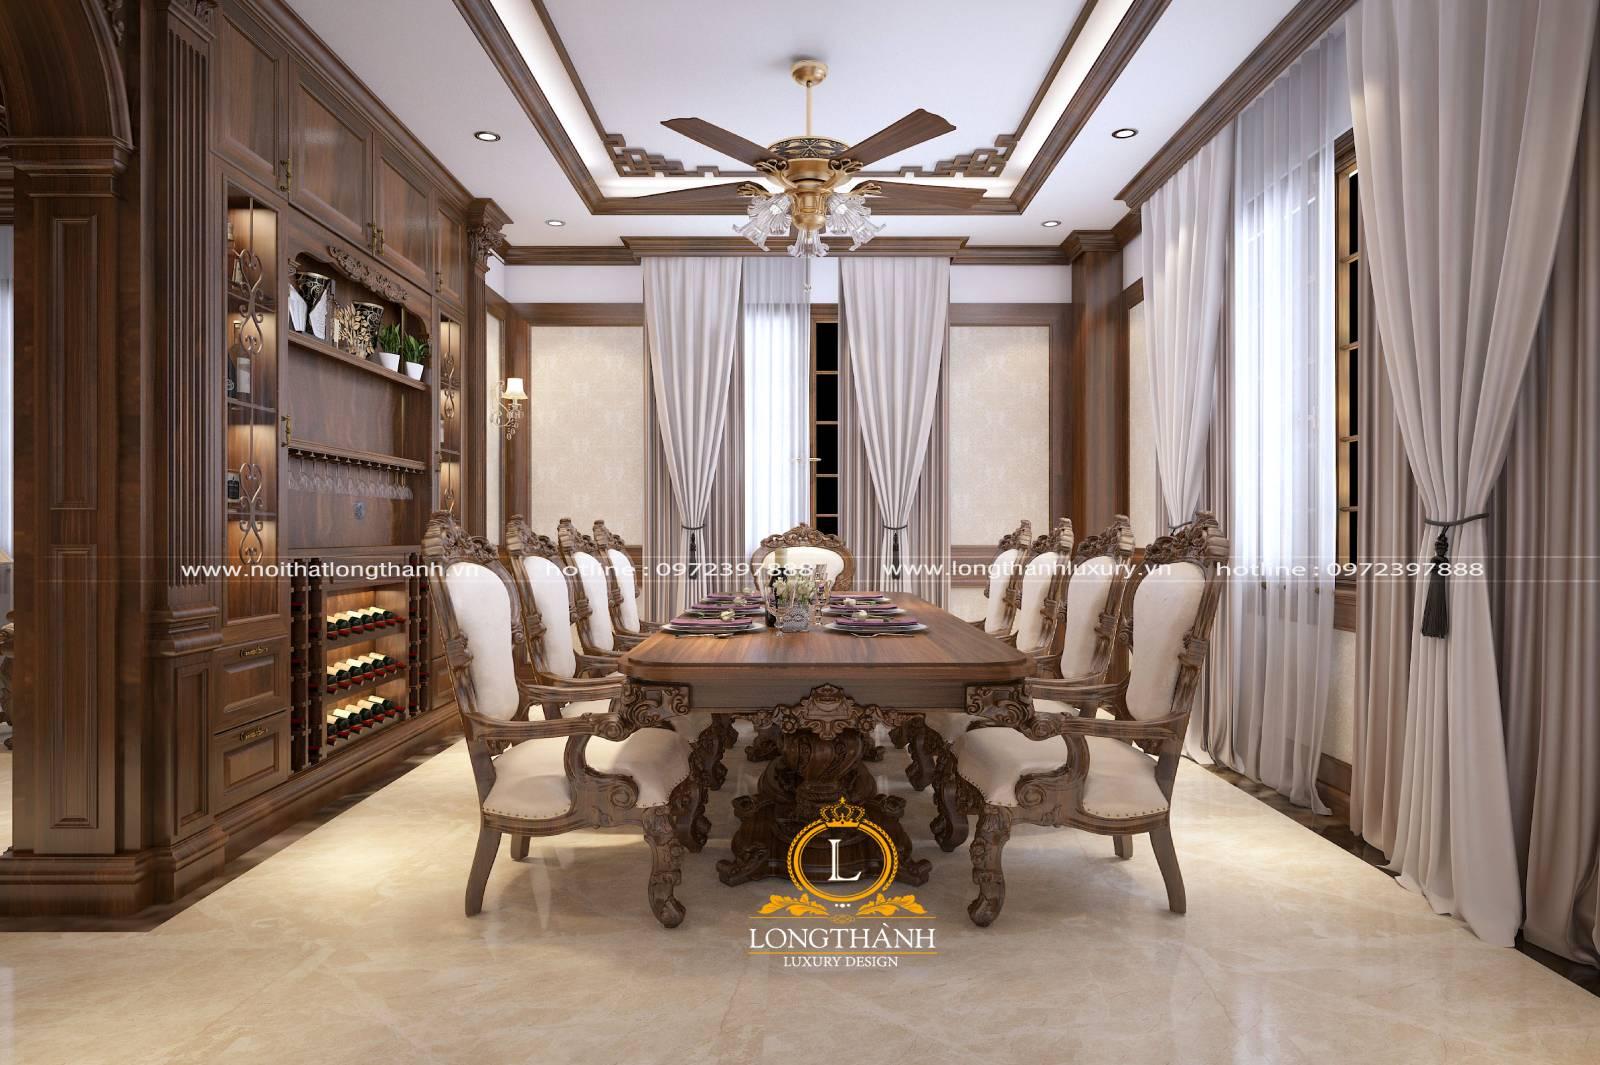 Tổng thể nội thất phòng bếp kết hợp tủ bếp gỗ Gõ và bàn ăn gỗ Gõ sang trọng